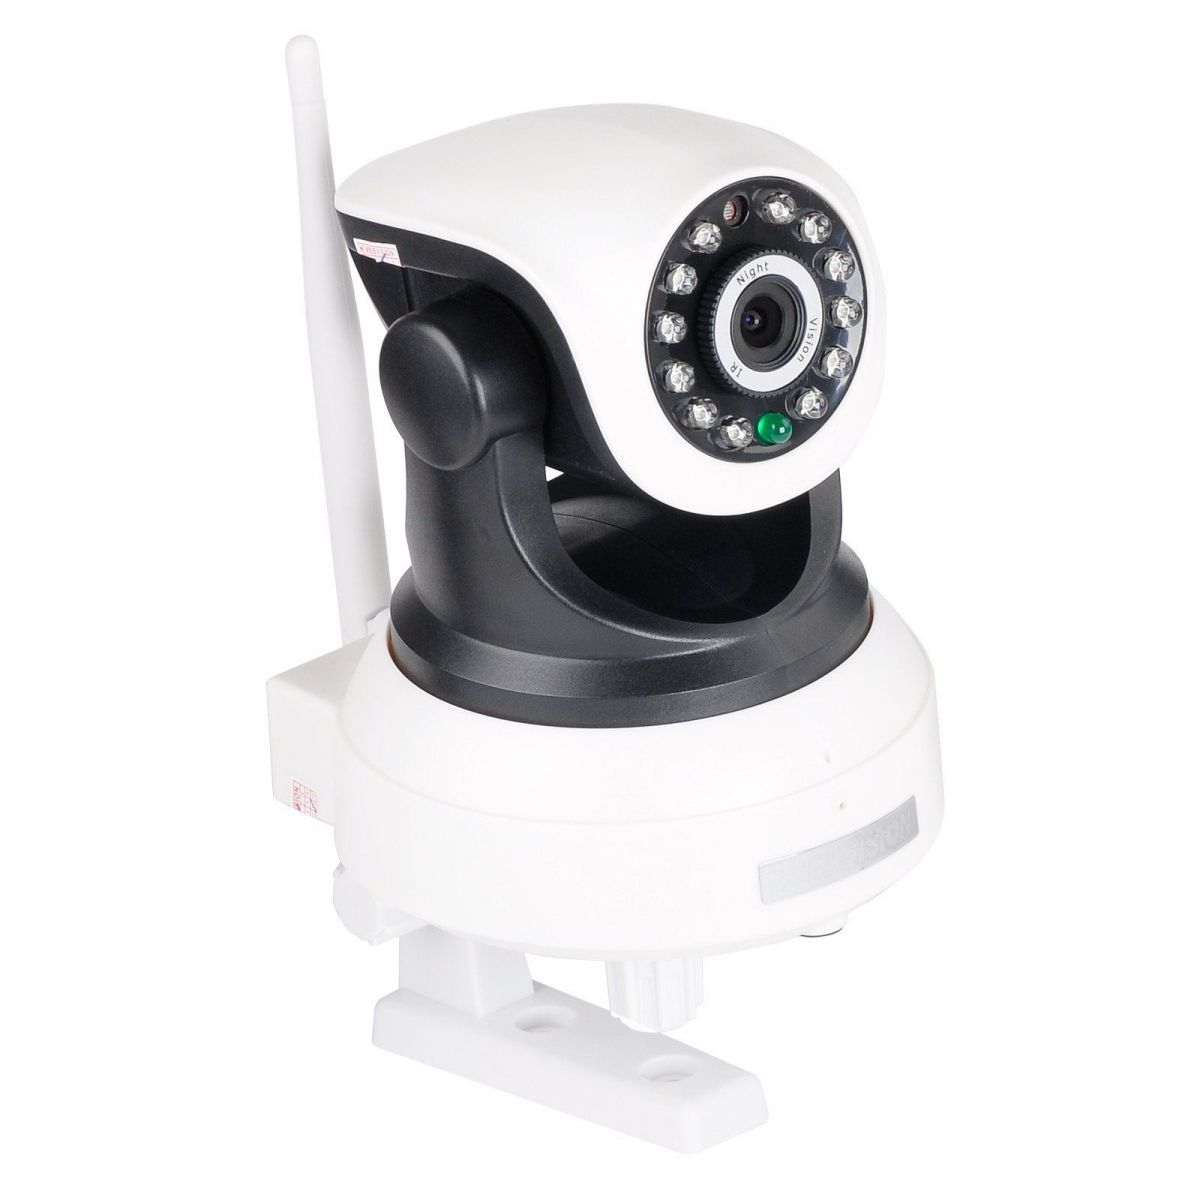 Camera Ip Wifi Hd 720P Alarme Entrada Cartão Sem Fio Iq Cut Ip03k Rj45 Celular Segurança  - HARDFAST INFORMÁTICA